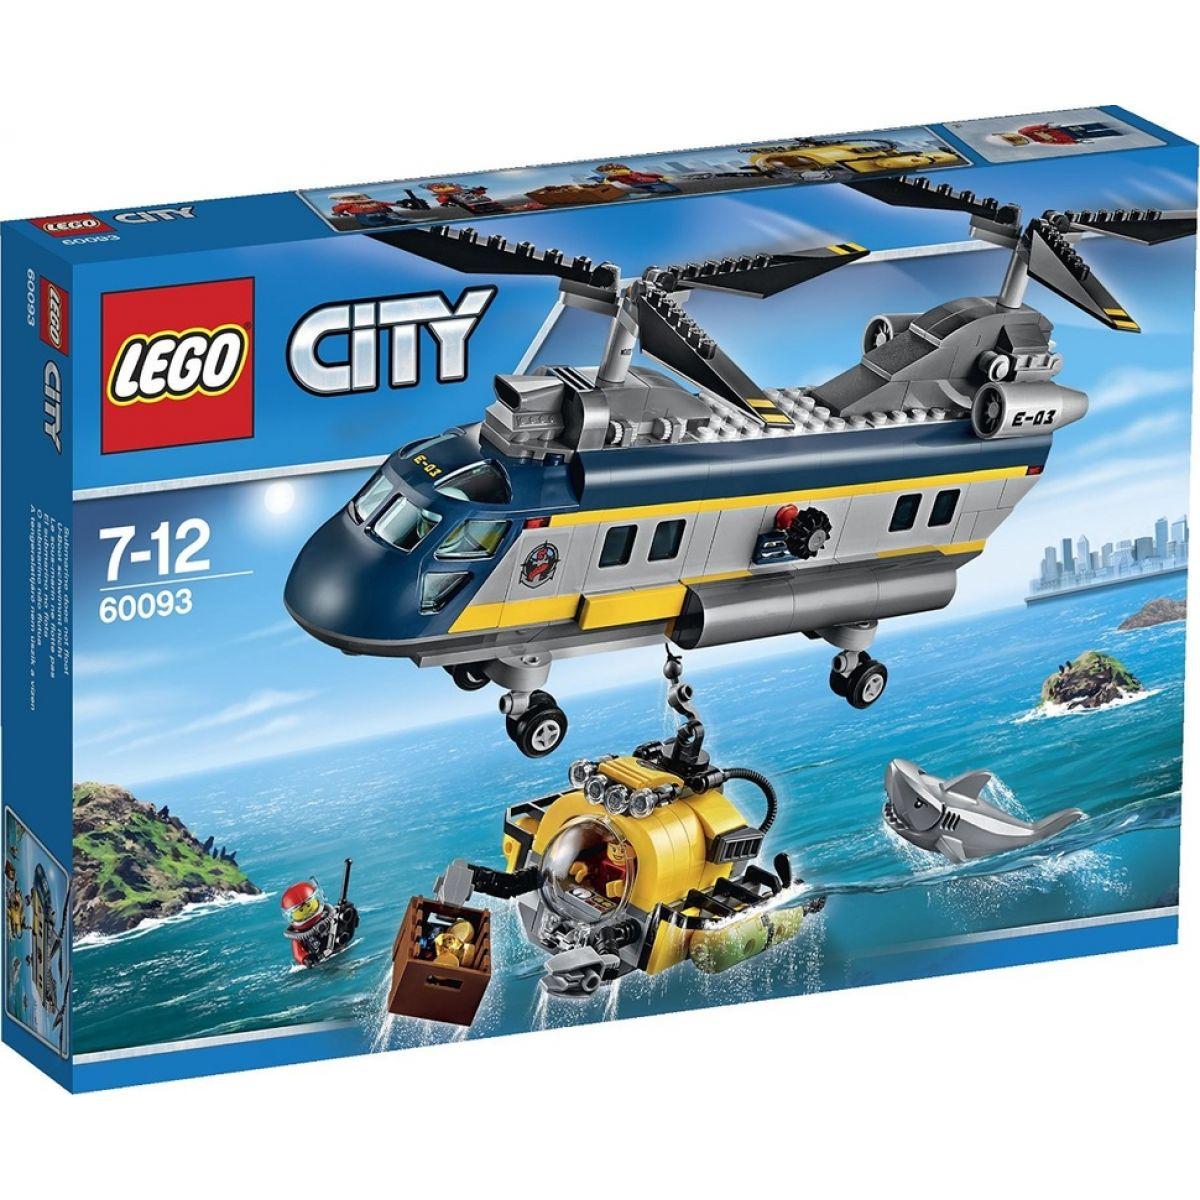 LEGO City 60093 Vrtulník pro hlubinný mořský výzkum